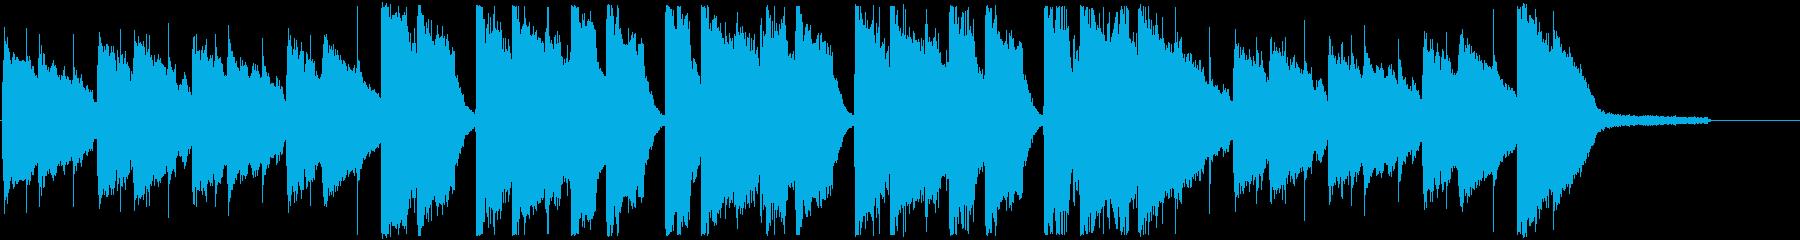 CM・秋の優しい夕焼けポップの再生済みの波形